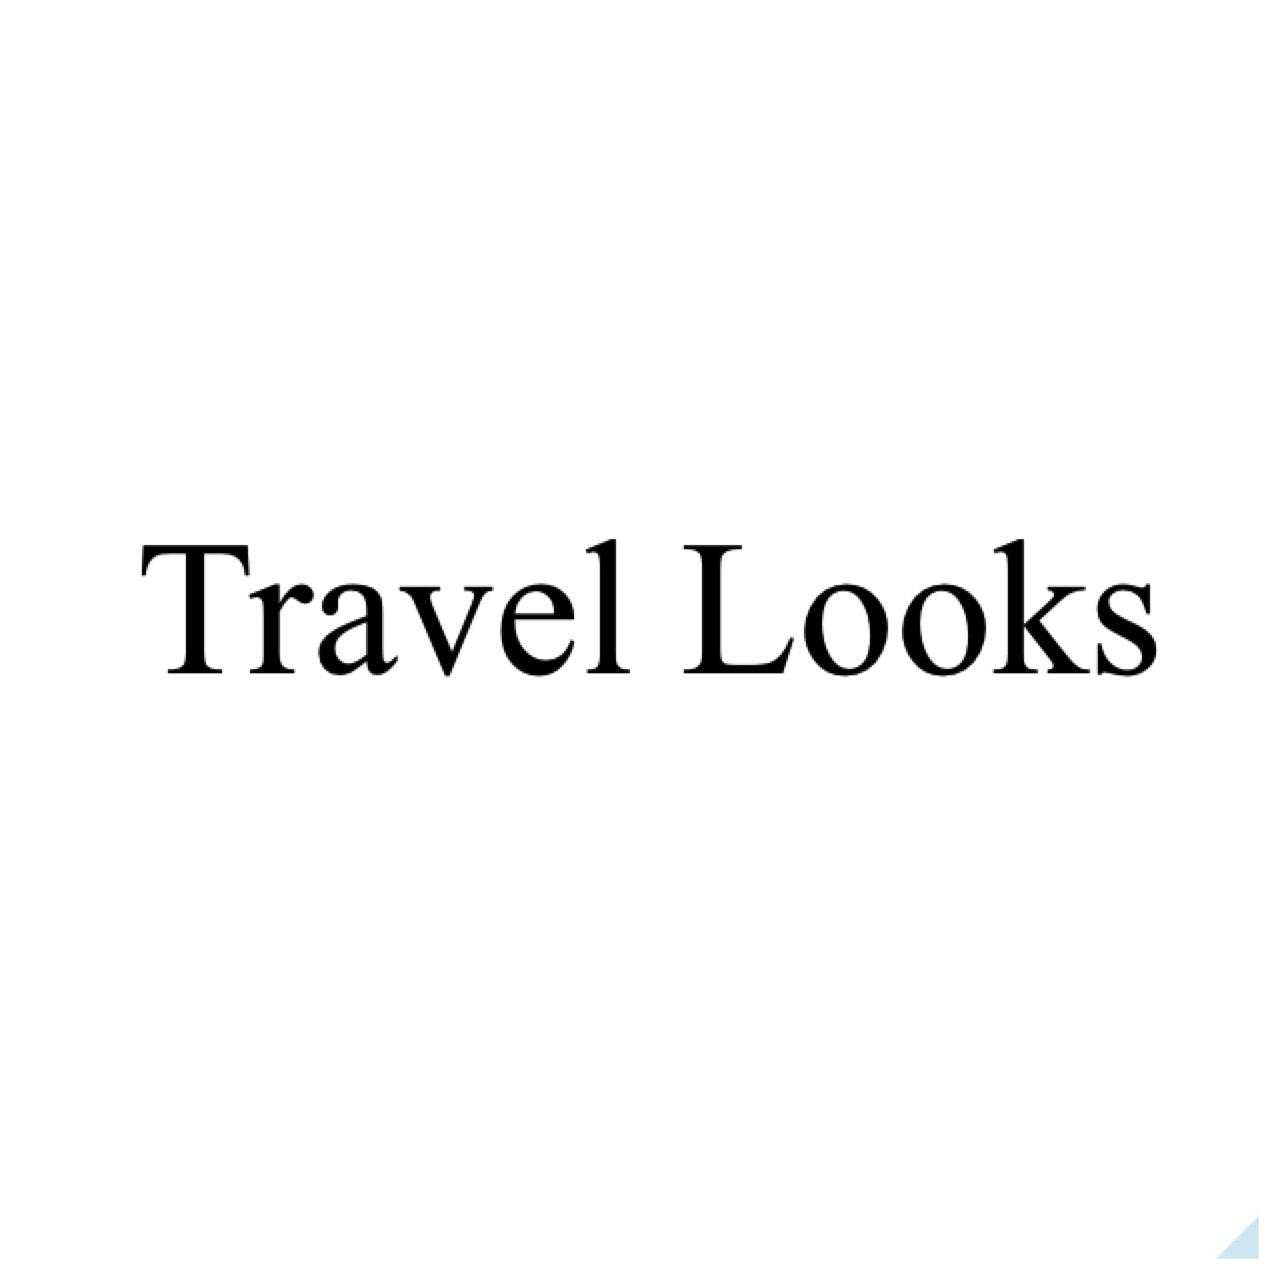 Travellooks